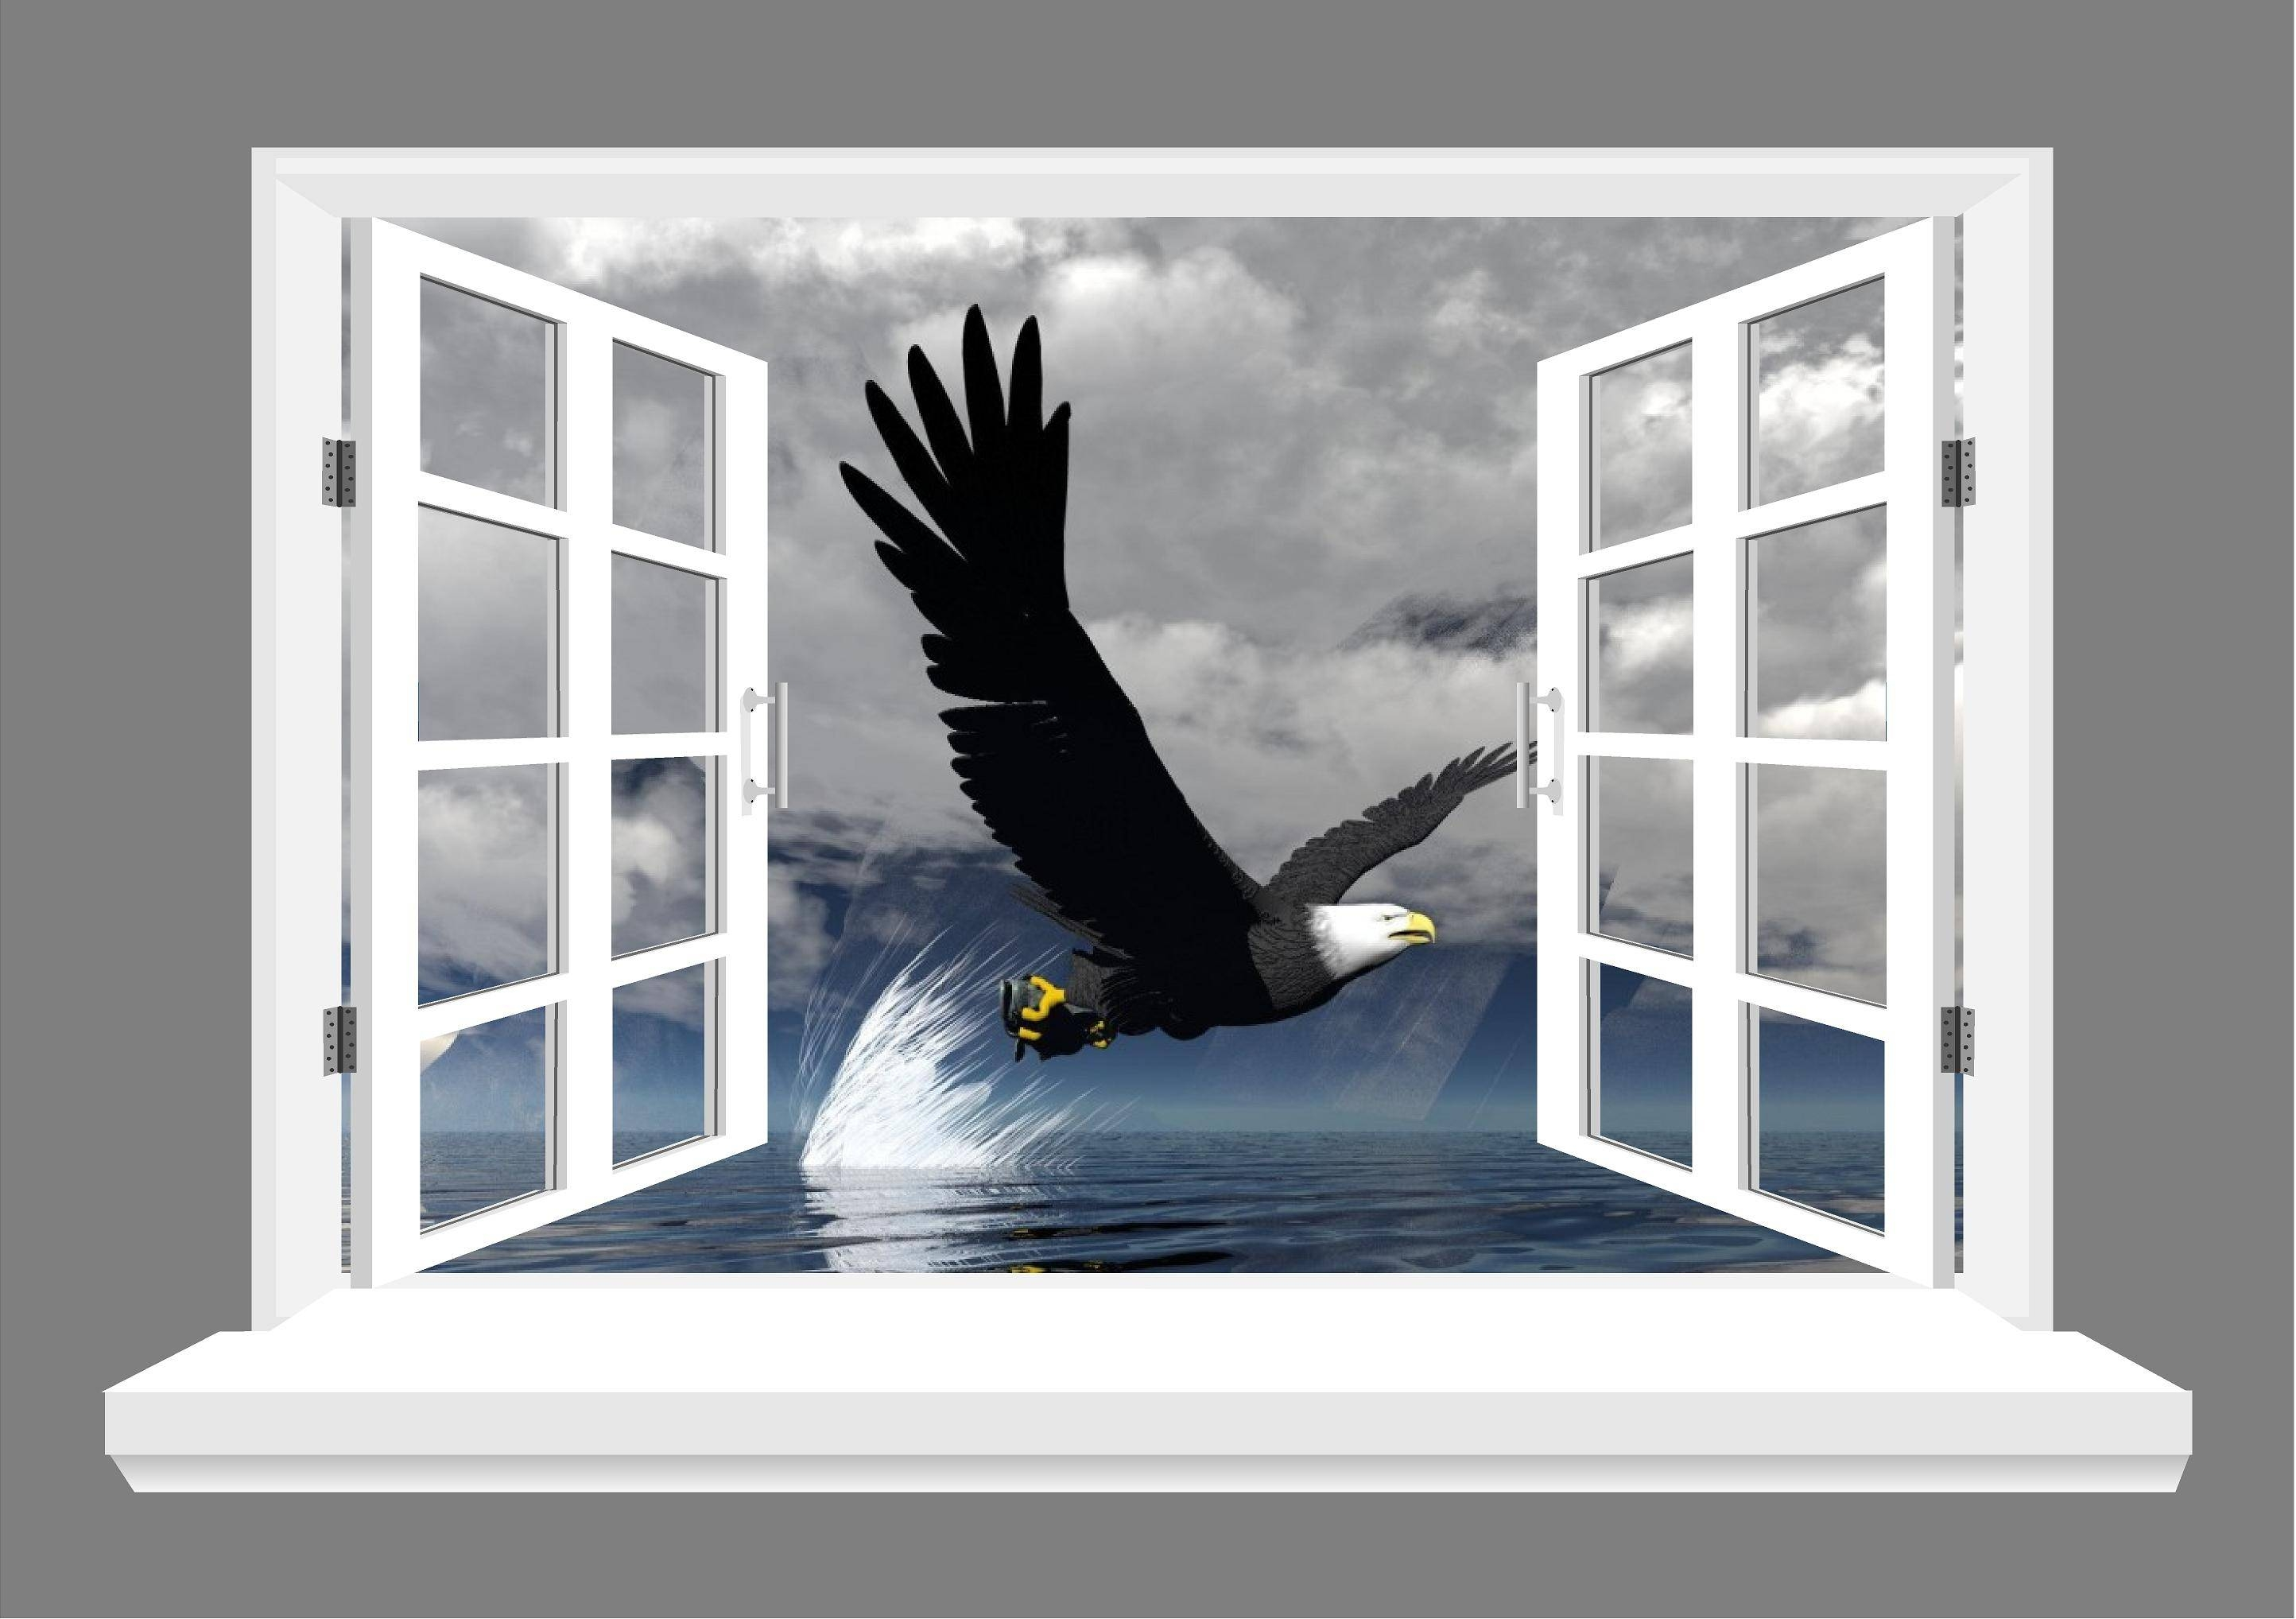 Wall Art Design Ideas Eagly Flying 3D Wall Art Bird Windows For Best And Newest & 20 Best 3D Wall Art Window